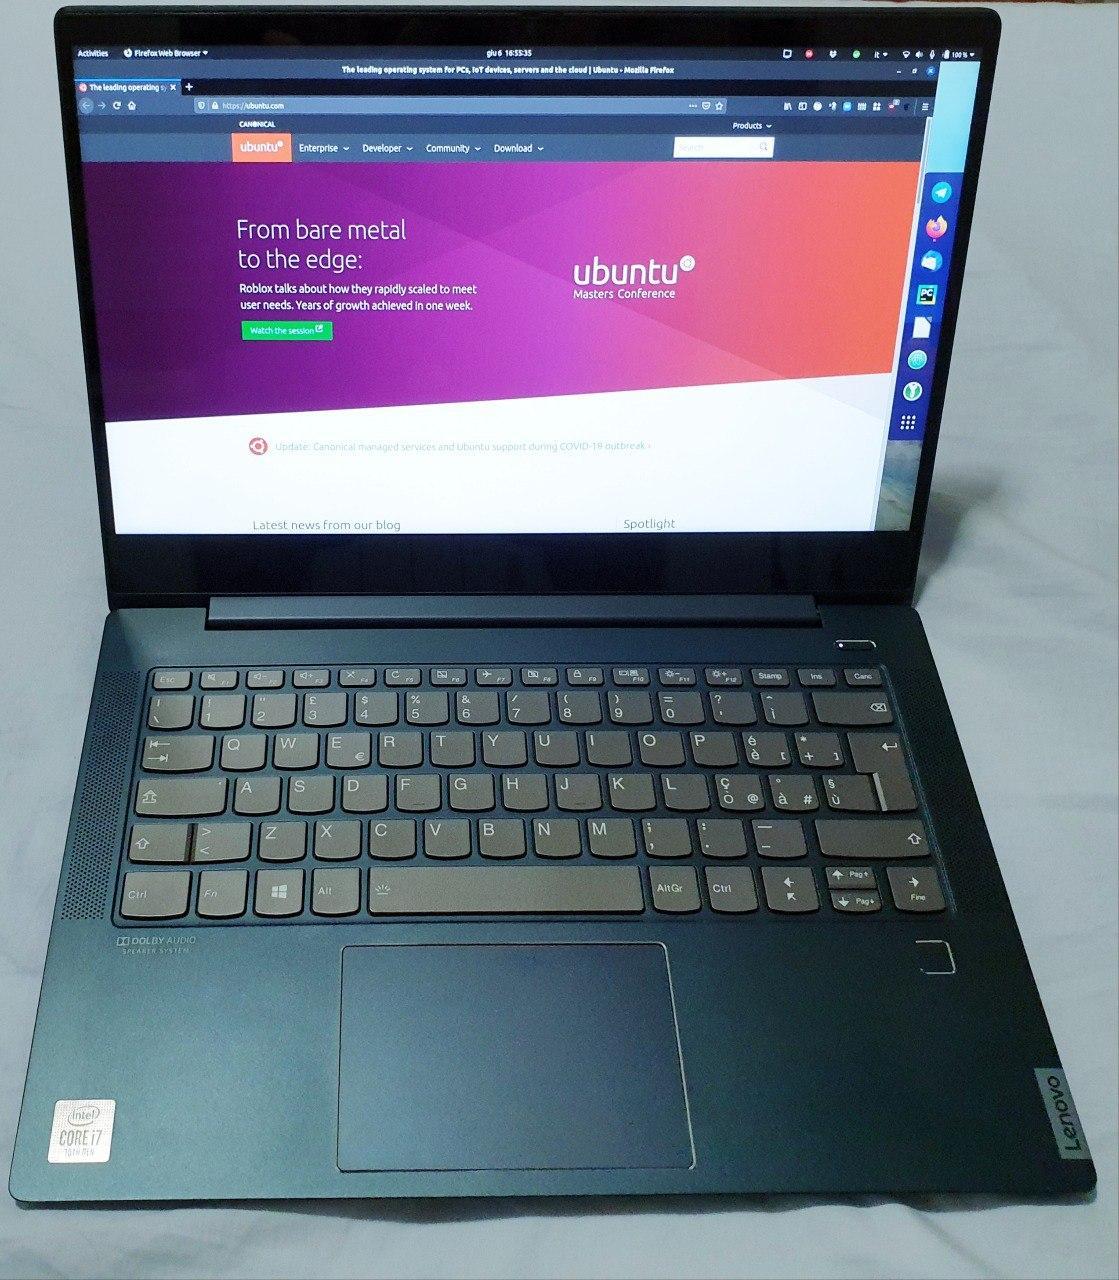 My Lenovo IdeaPad 540S running Ubuntu 20.04